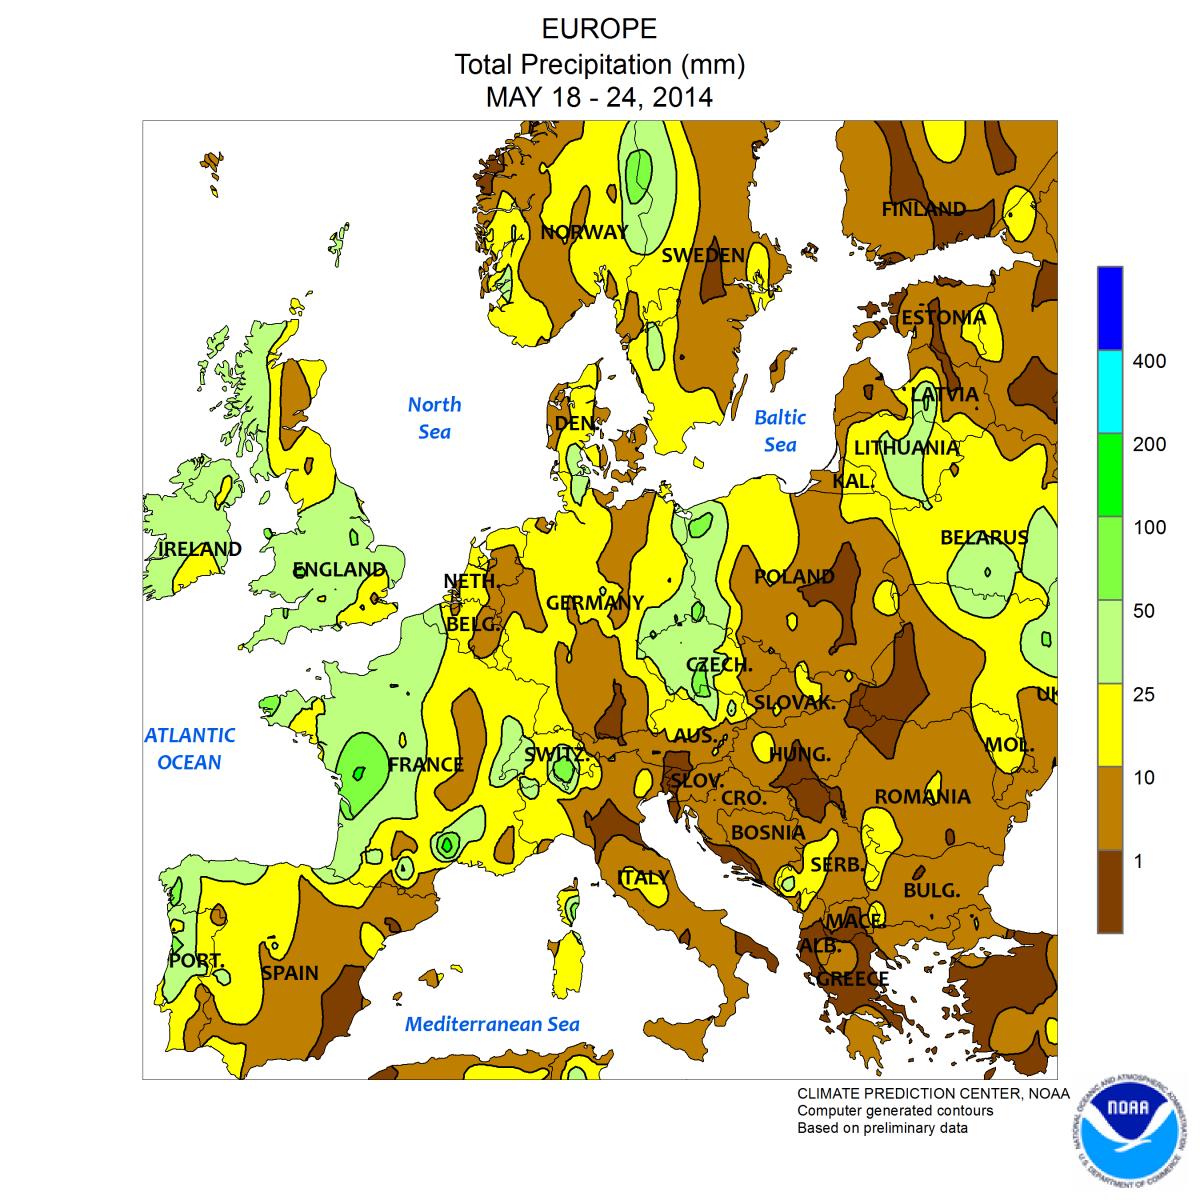 Image d'illustration pour Bilan hebdo en Europe : très chaud entre Russie et Scandinavie